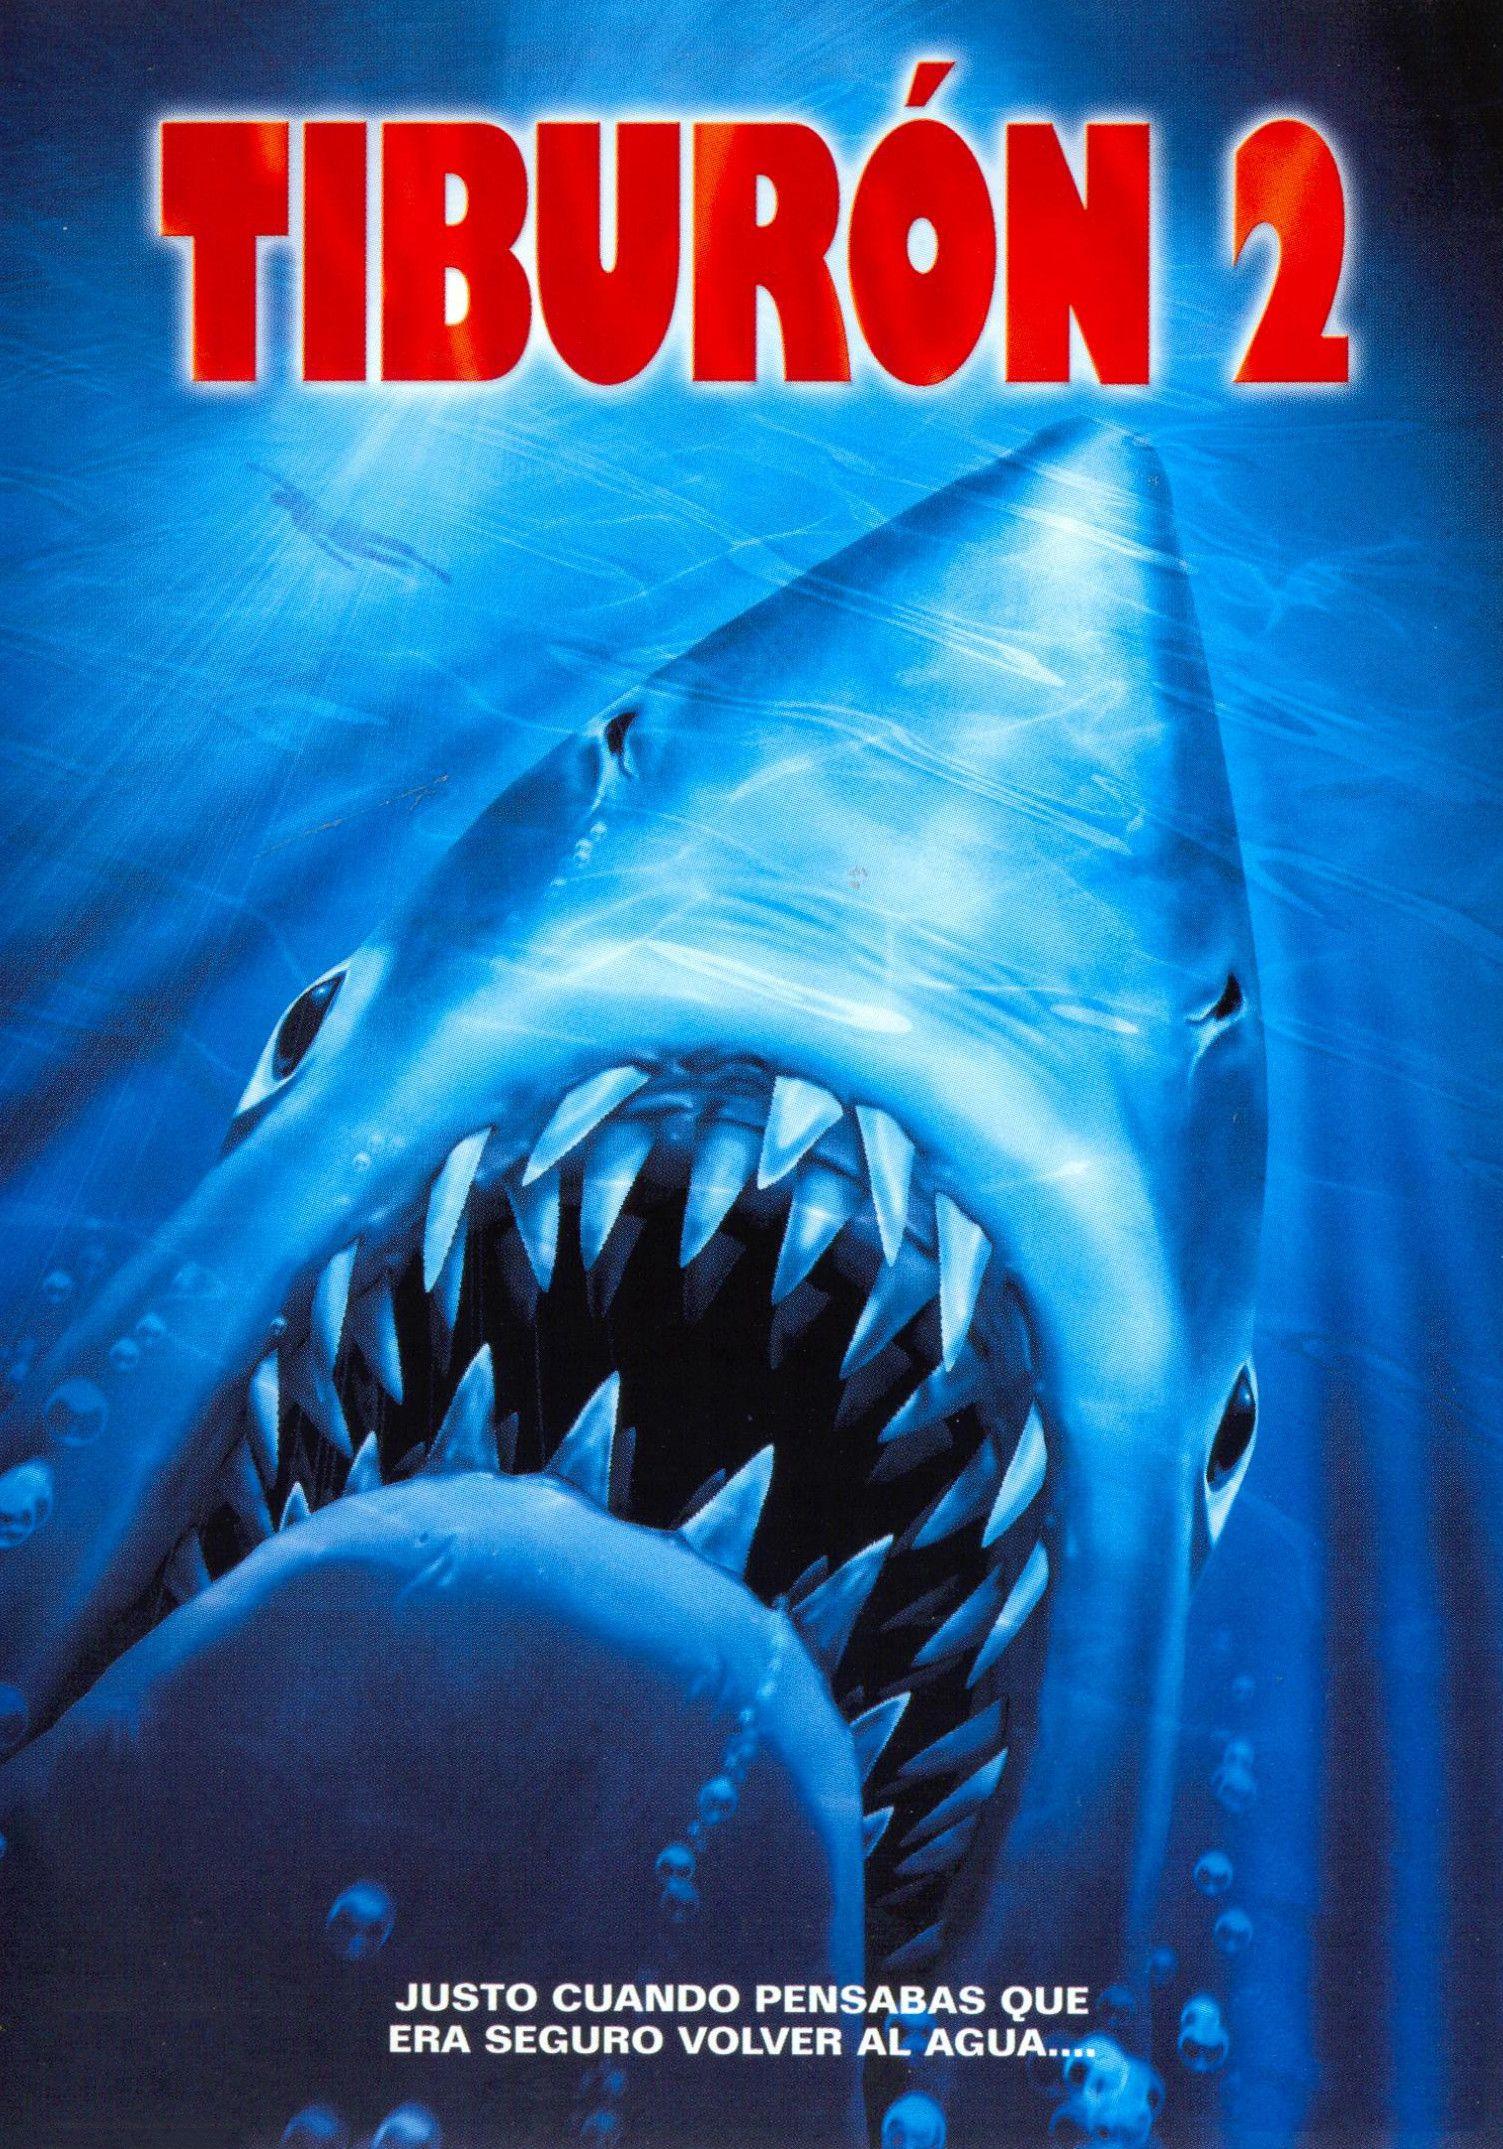 Tibur n 2 1978 ver pel culas online gratis ver tibur n 2 online gratis